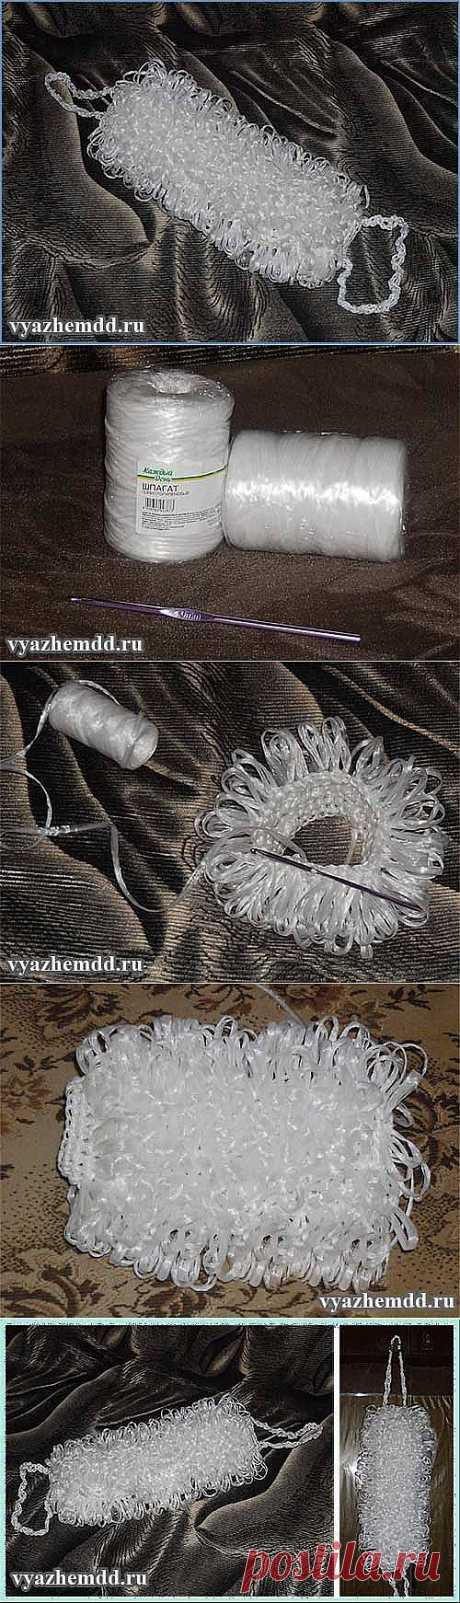 Мочалка с вытянутыми петлями | Милые мелочи